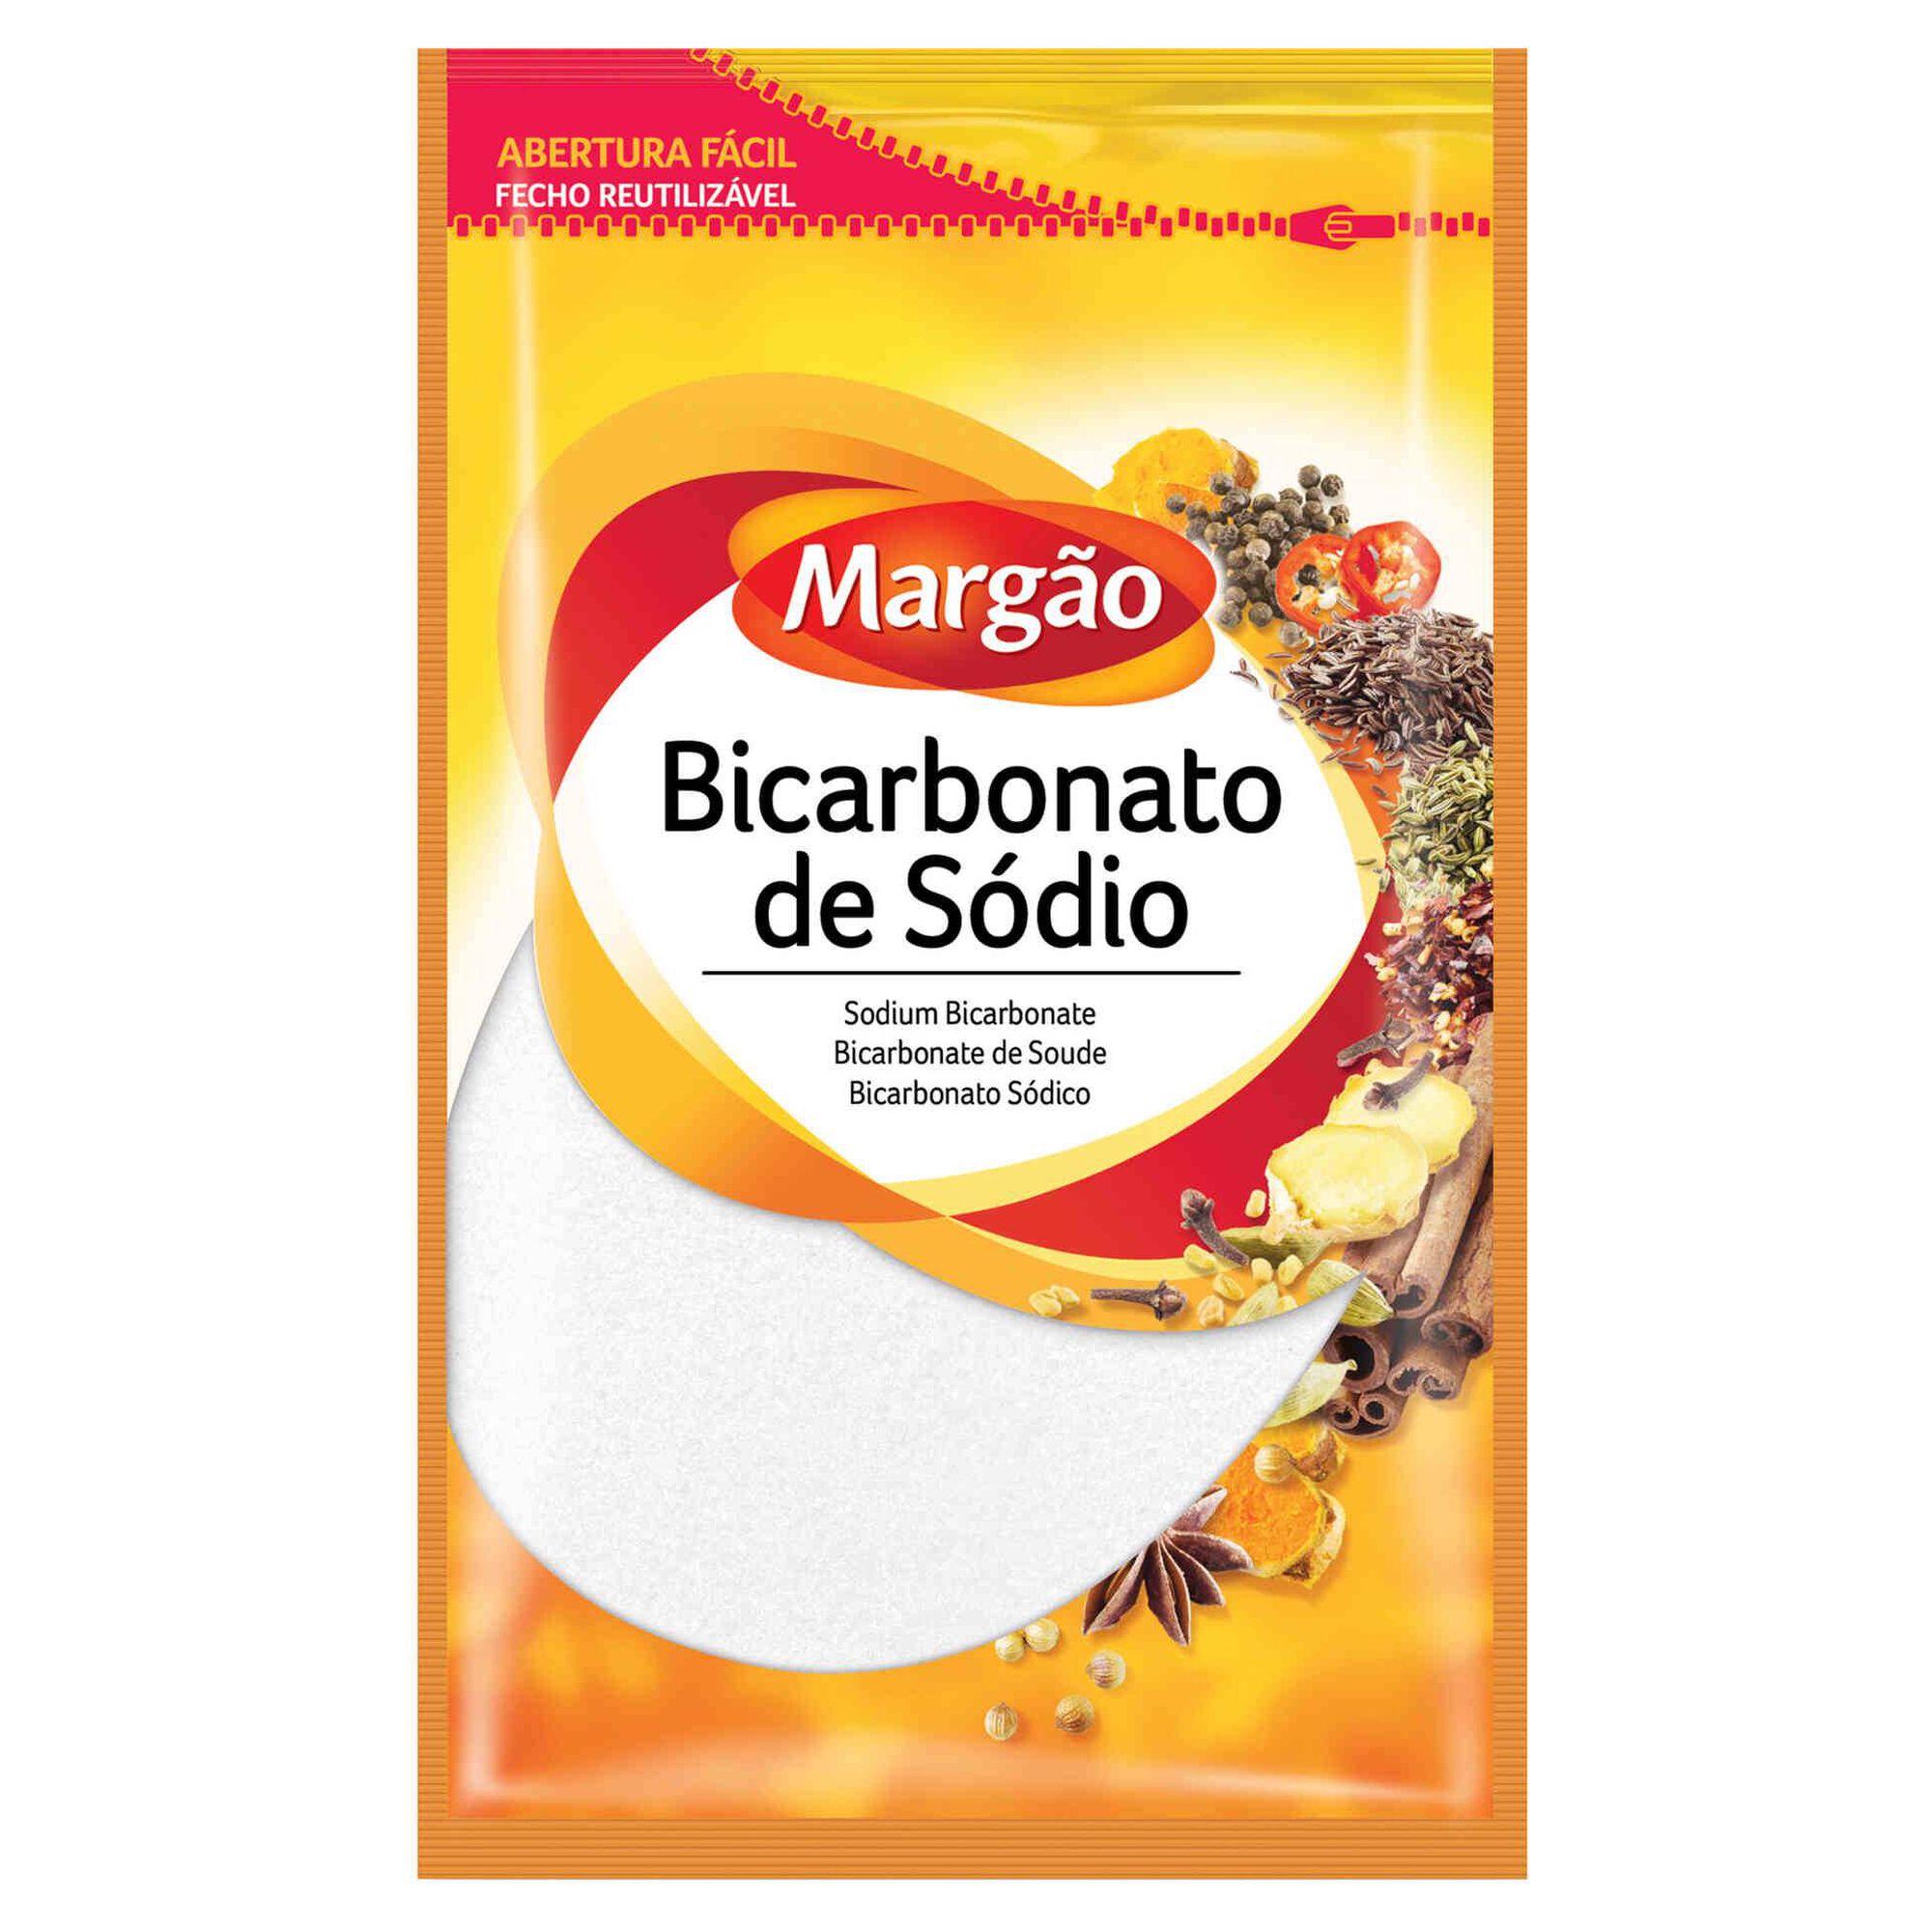 Bicarbonato de Sódio em Saqueta